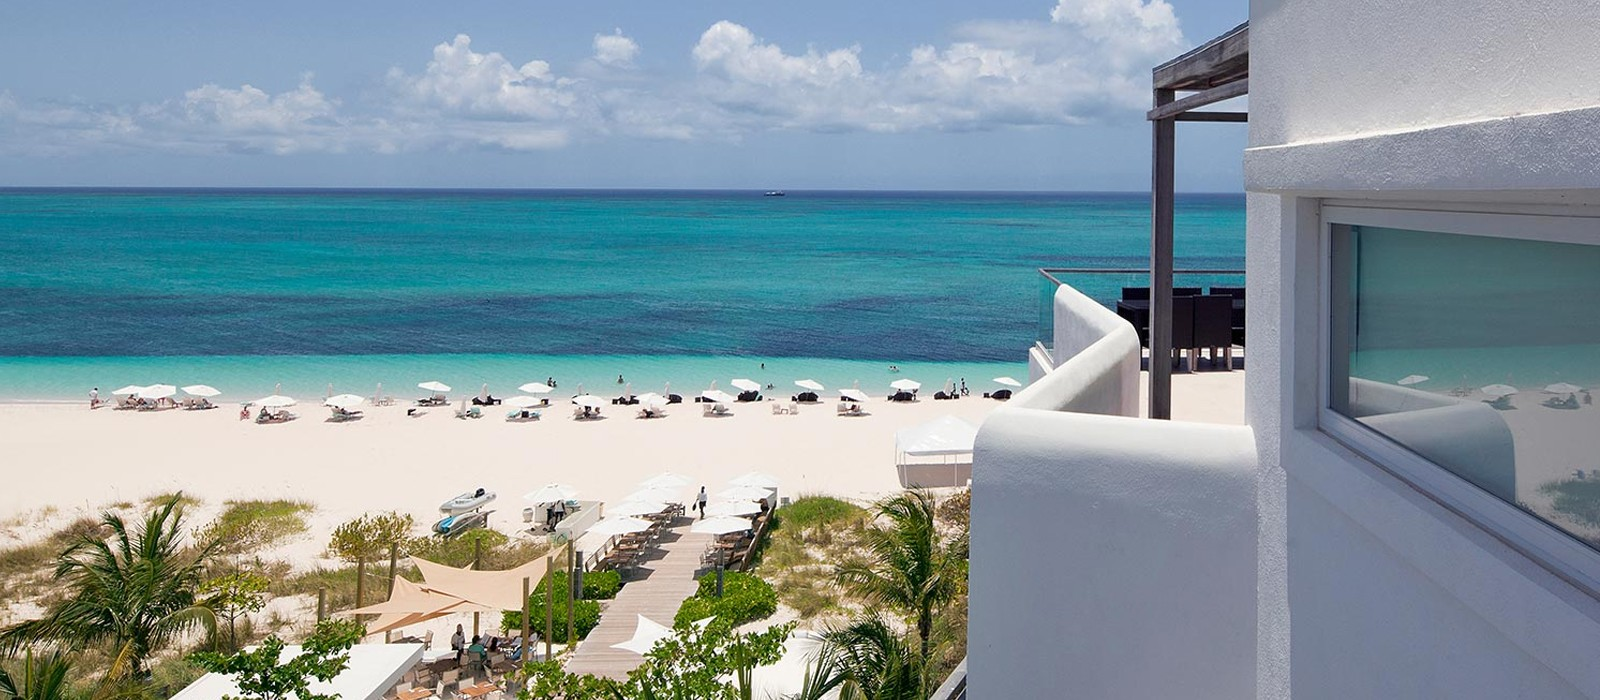 Luxury Holidays Turks - Gansevoort Hotel - Large Header